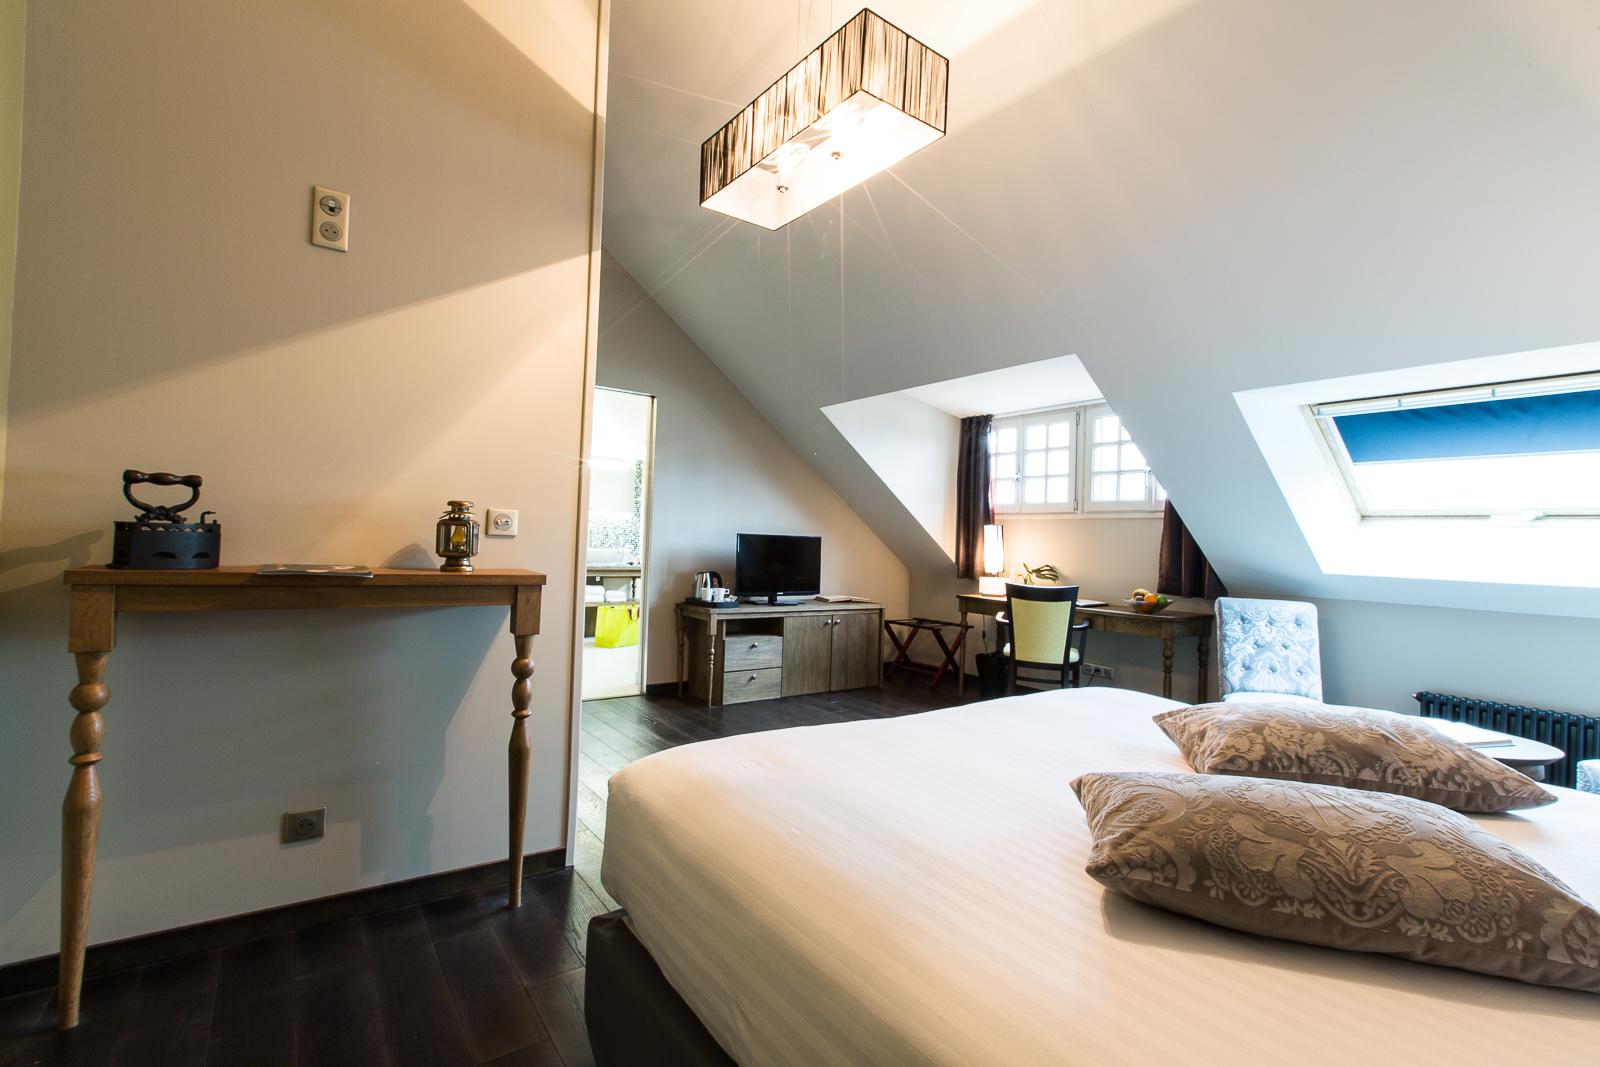 Hotel Marotte amiens chambre superieur lit